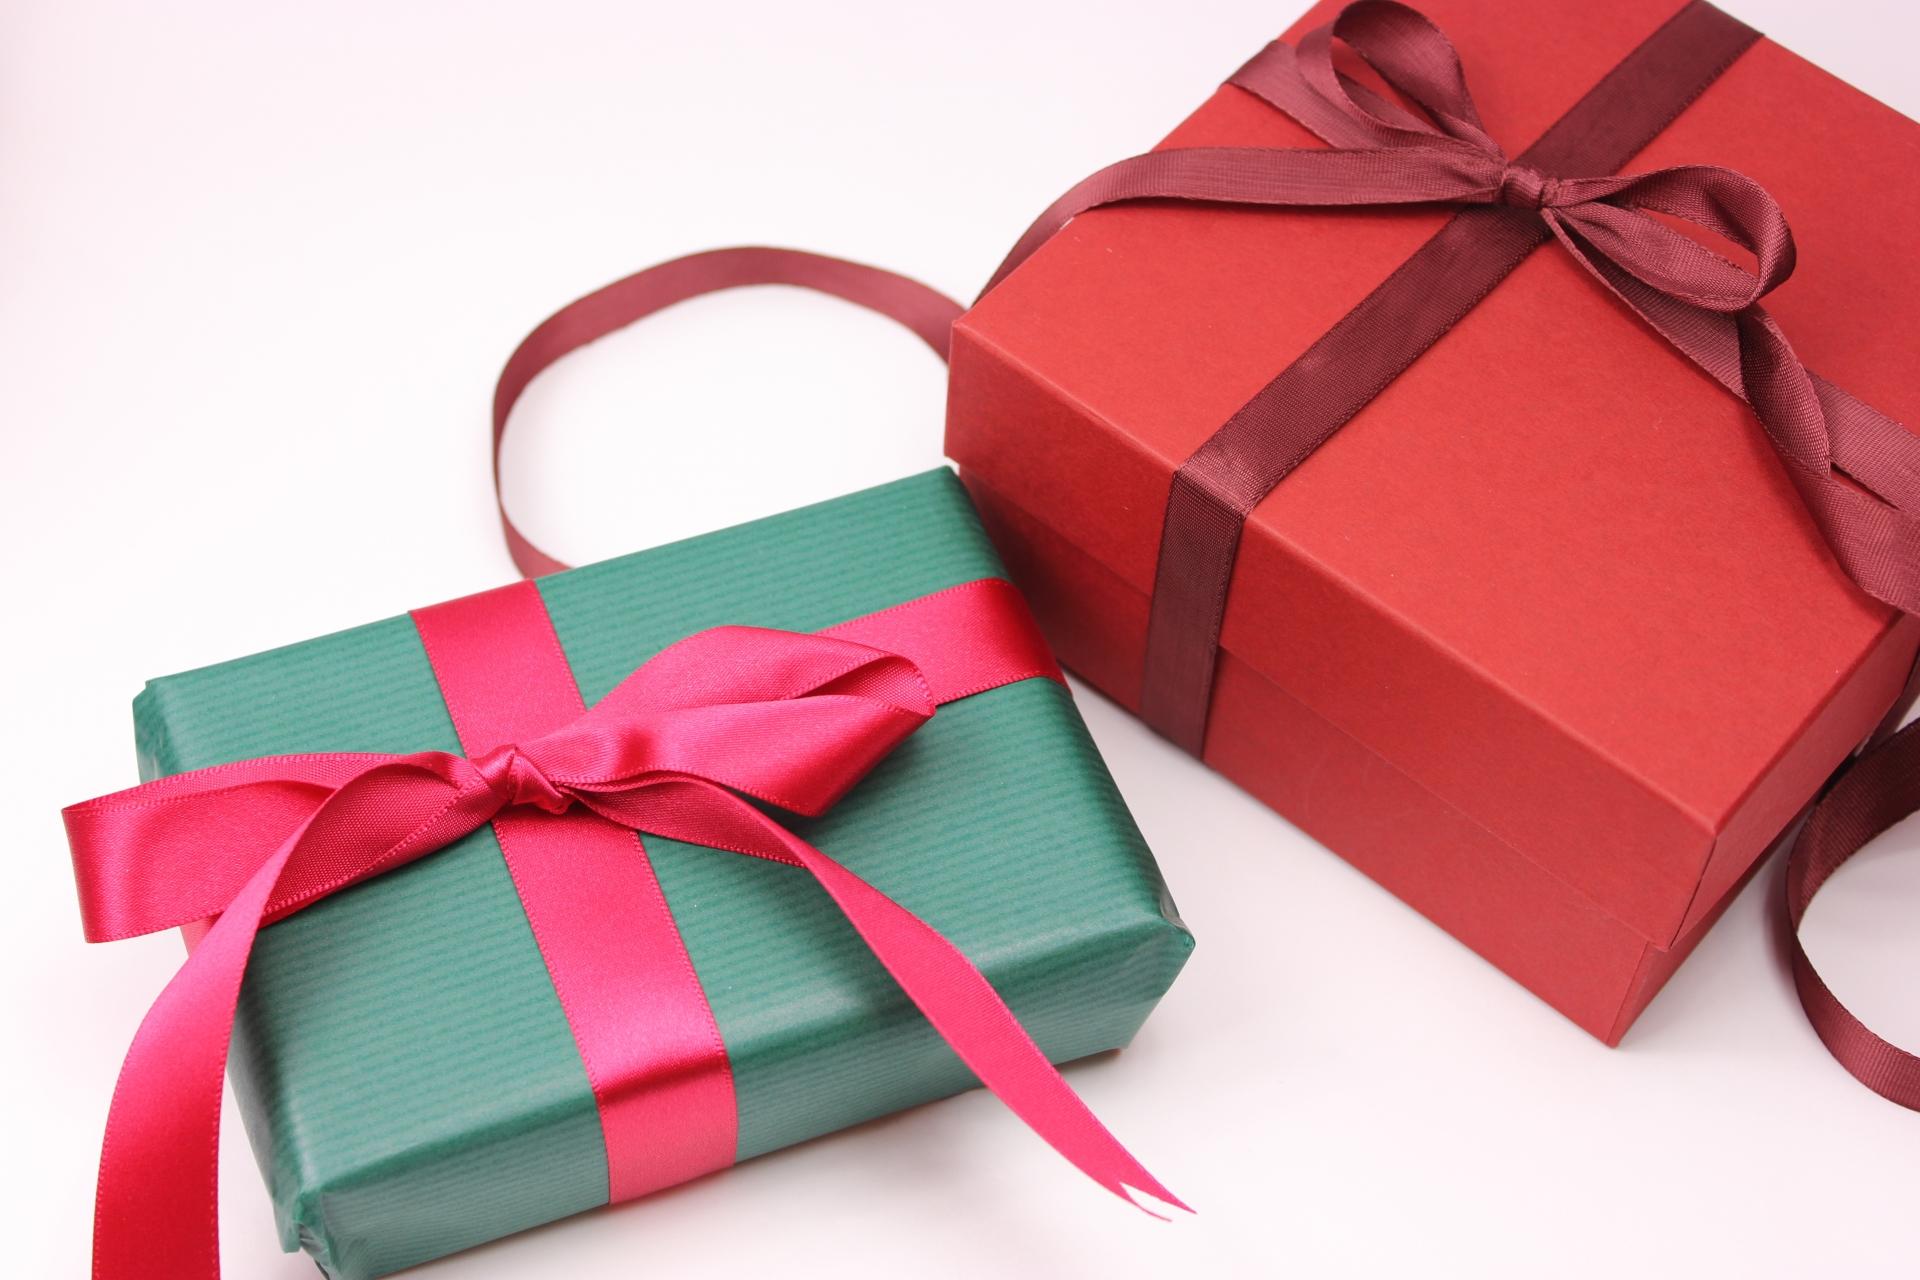 20代の彼氏にあげたい!記念日におすすめのプレゼント4選